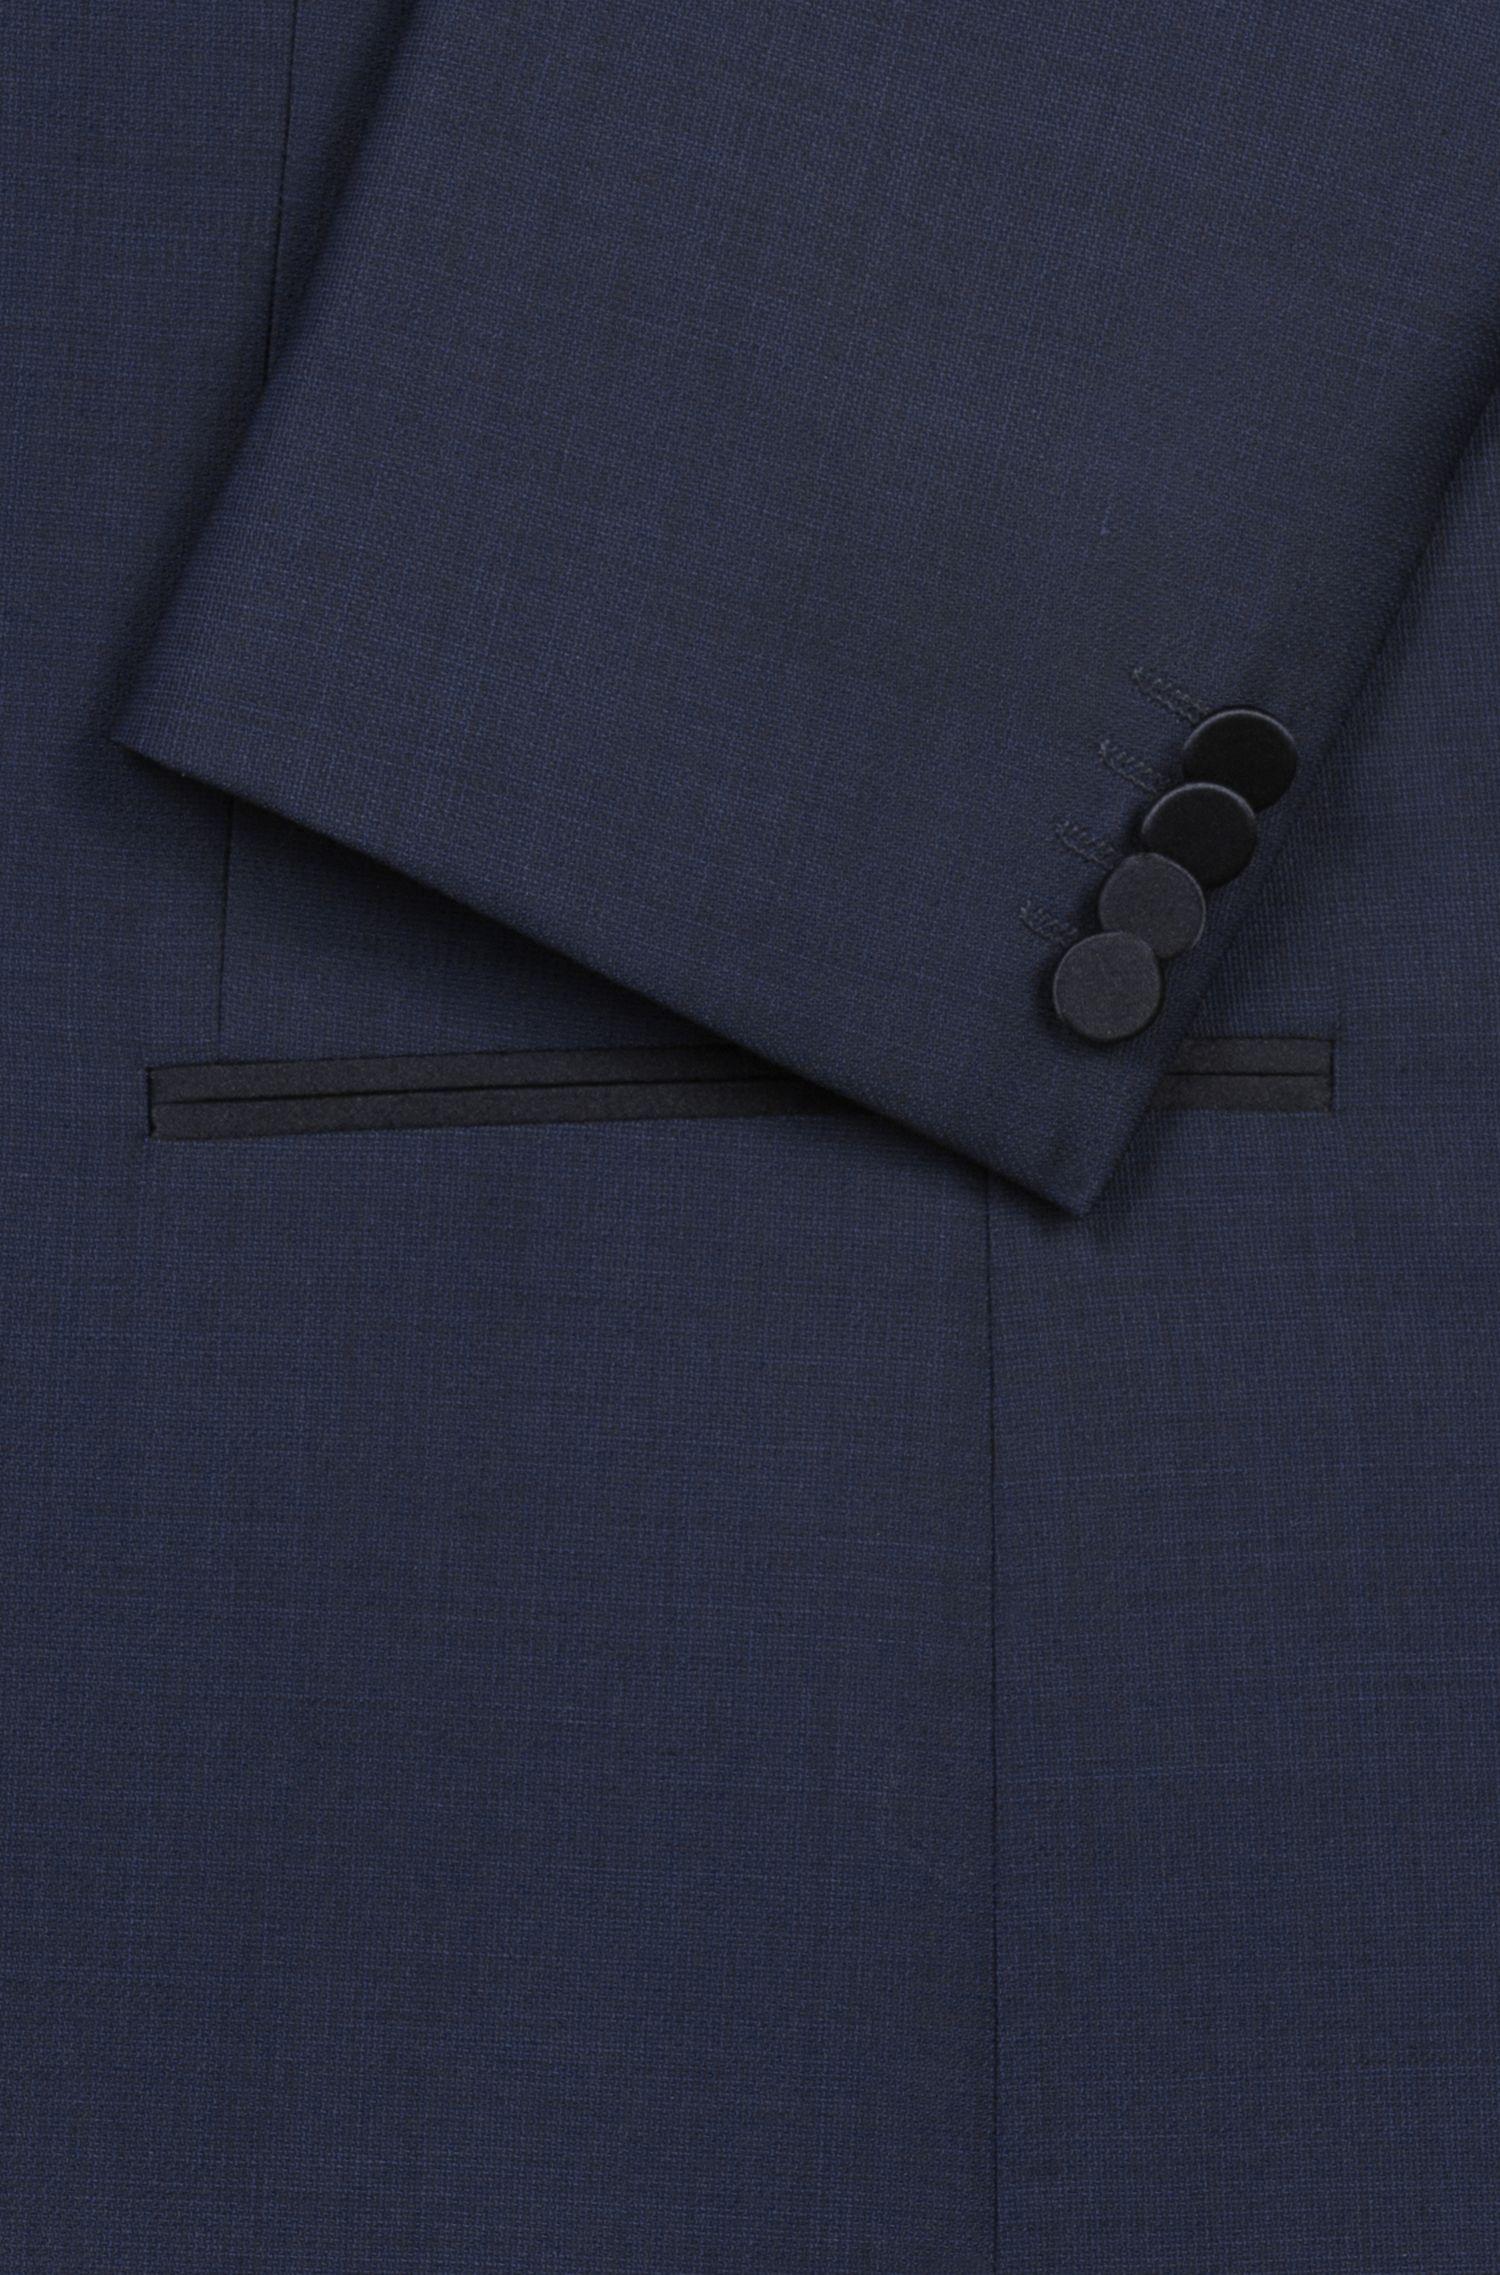 Costume de soirée Slim Fit à micromotif, avec détails en soie, Bleu